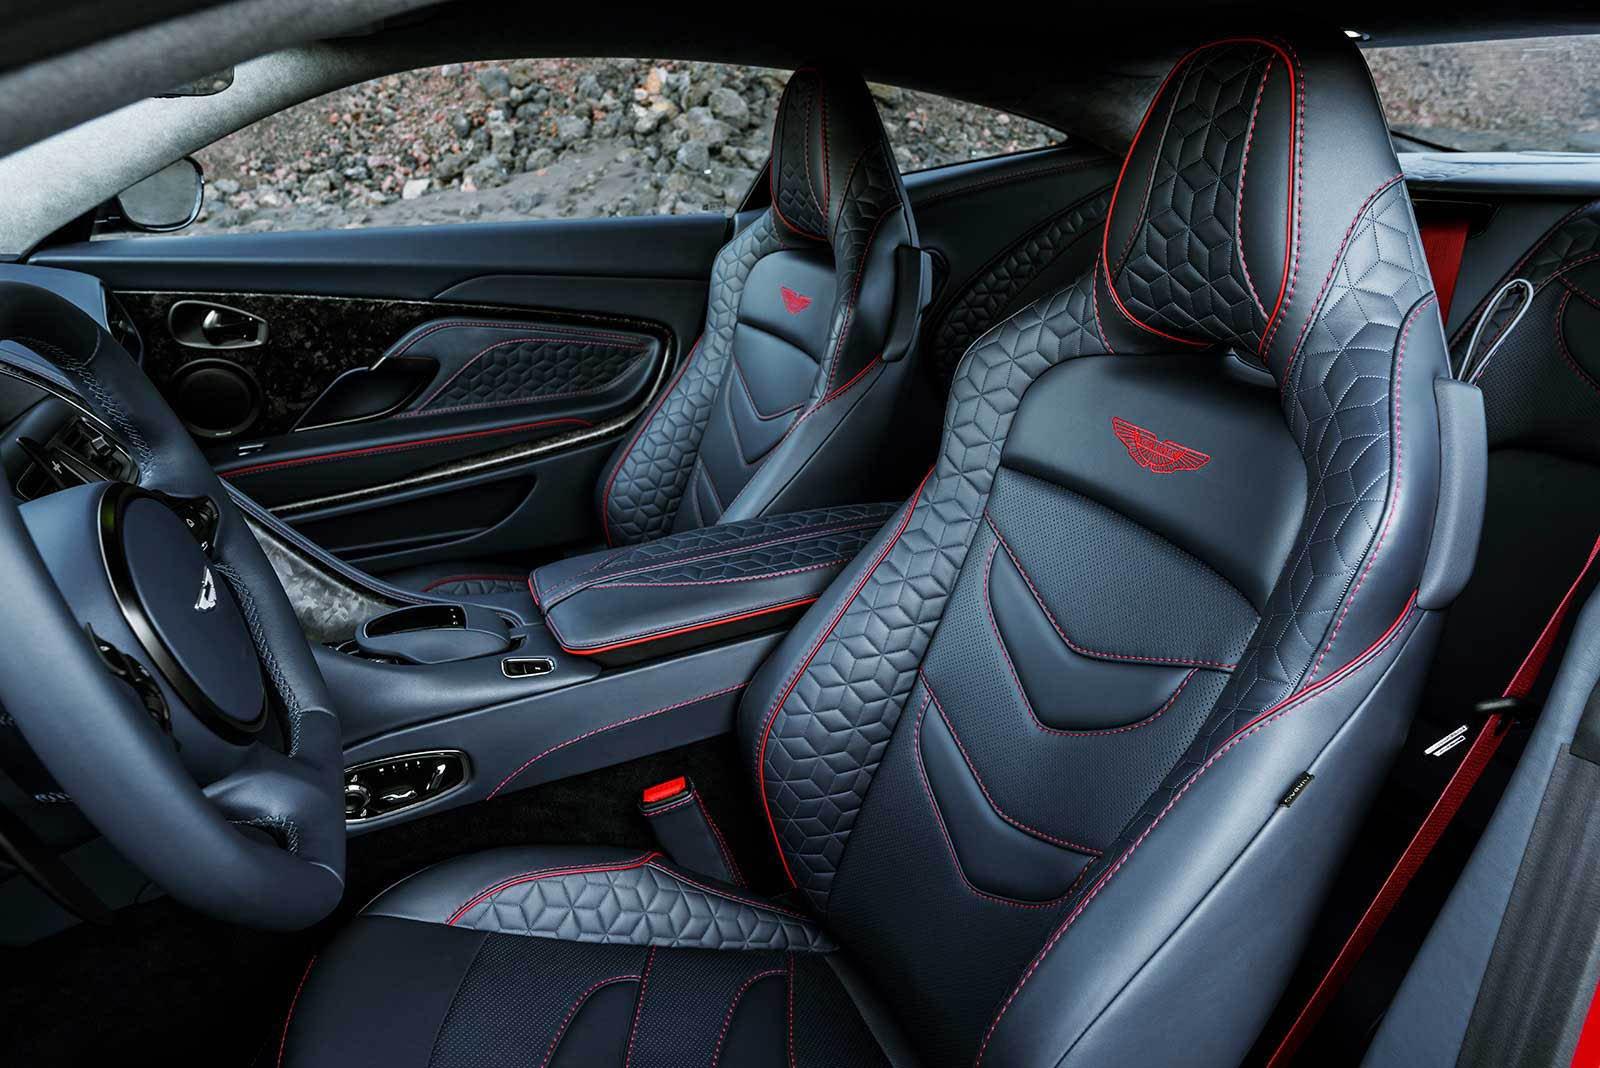 Aston Martin DBS Superleggera 2019 (27)